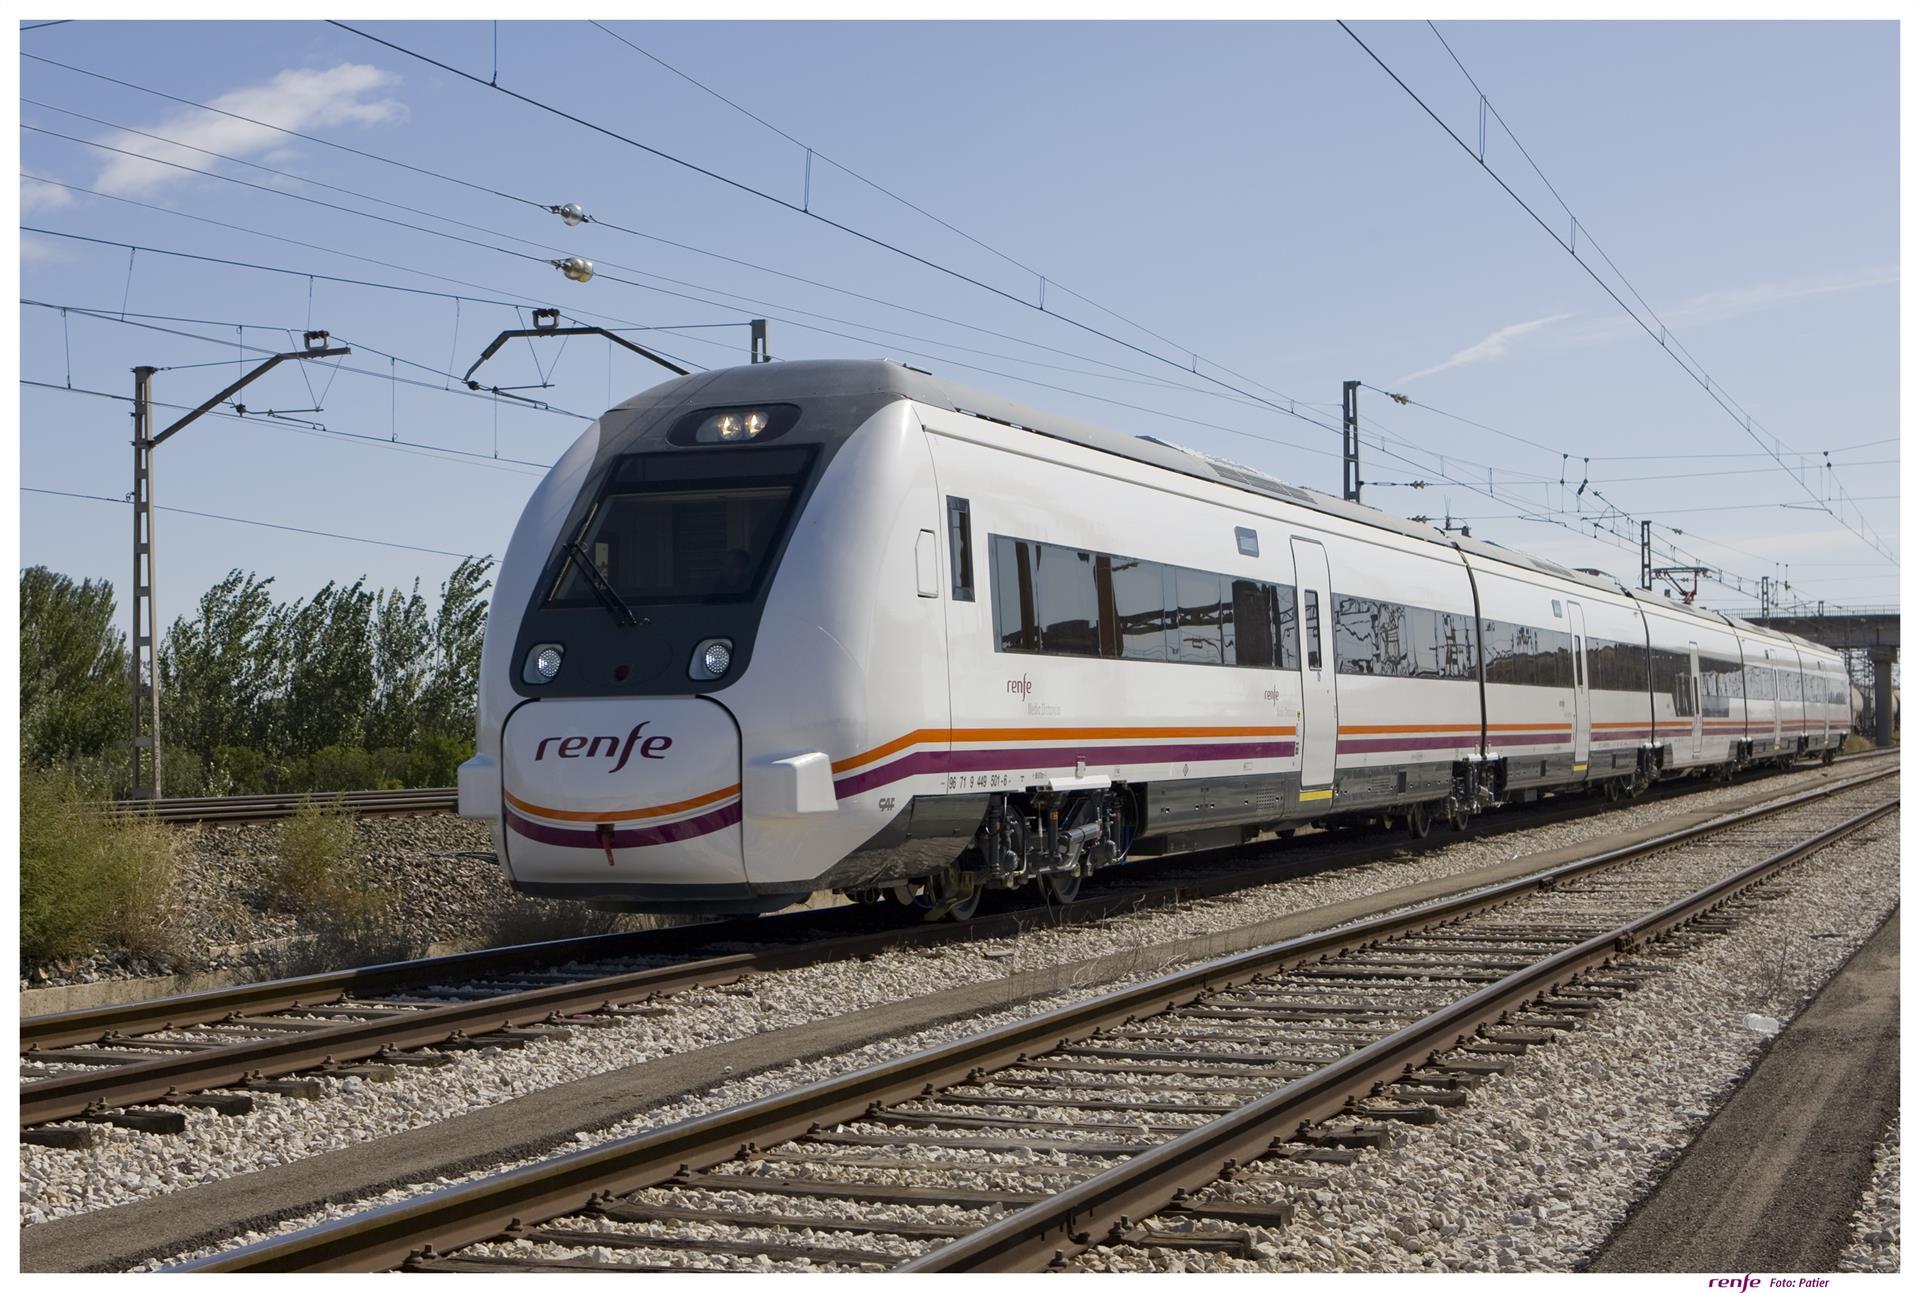 Tren de Renfe - RENFE